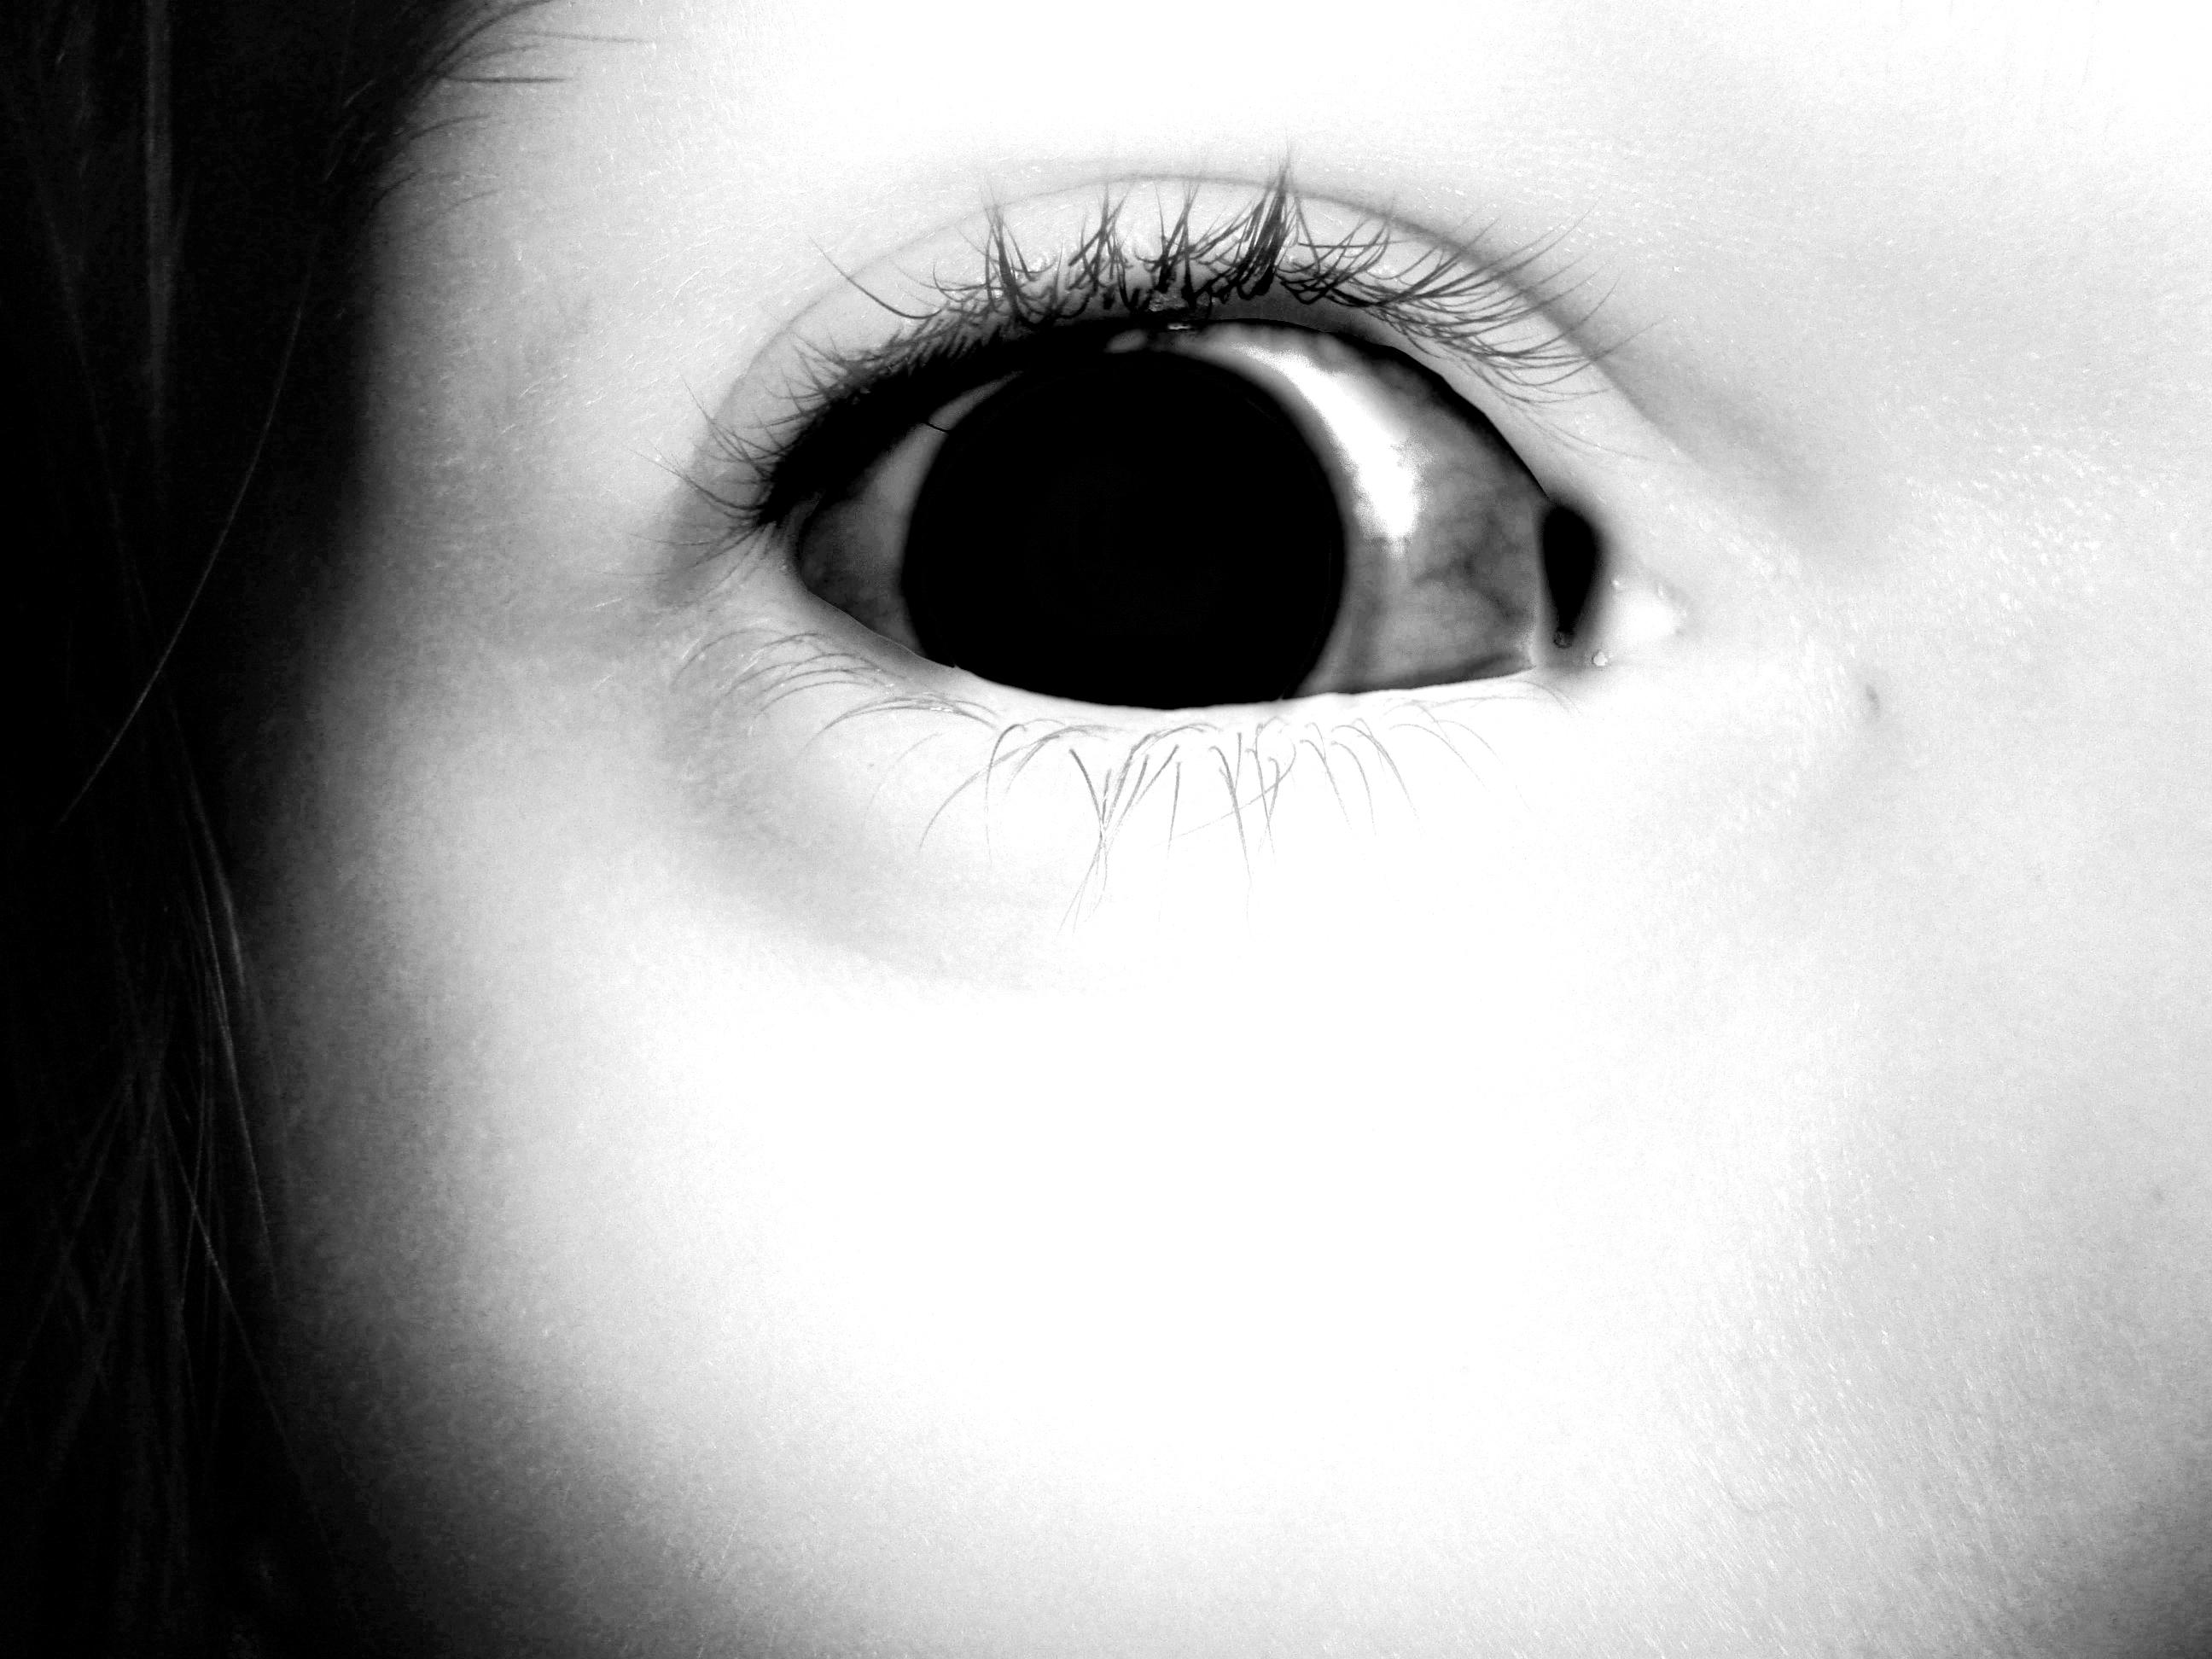 ghost_eye_by_peanut91xD